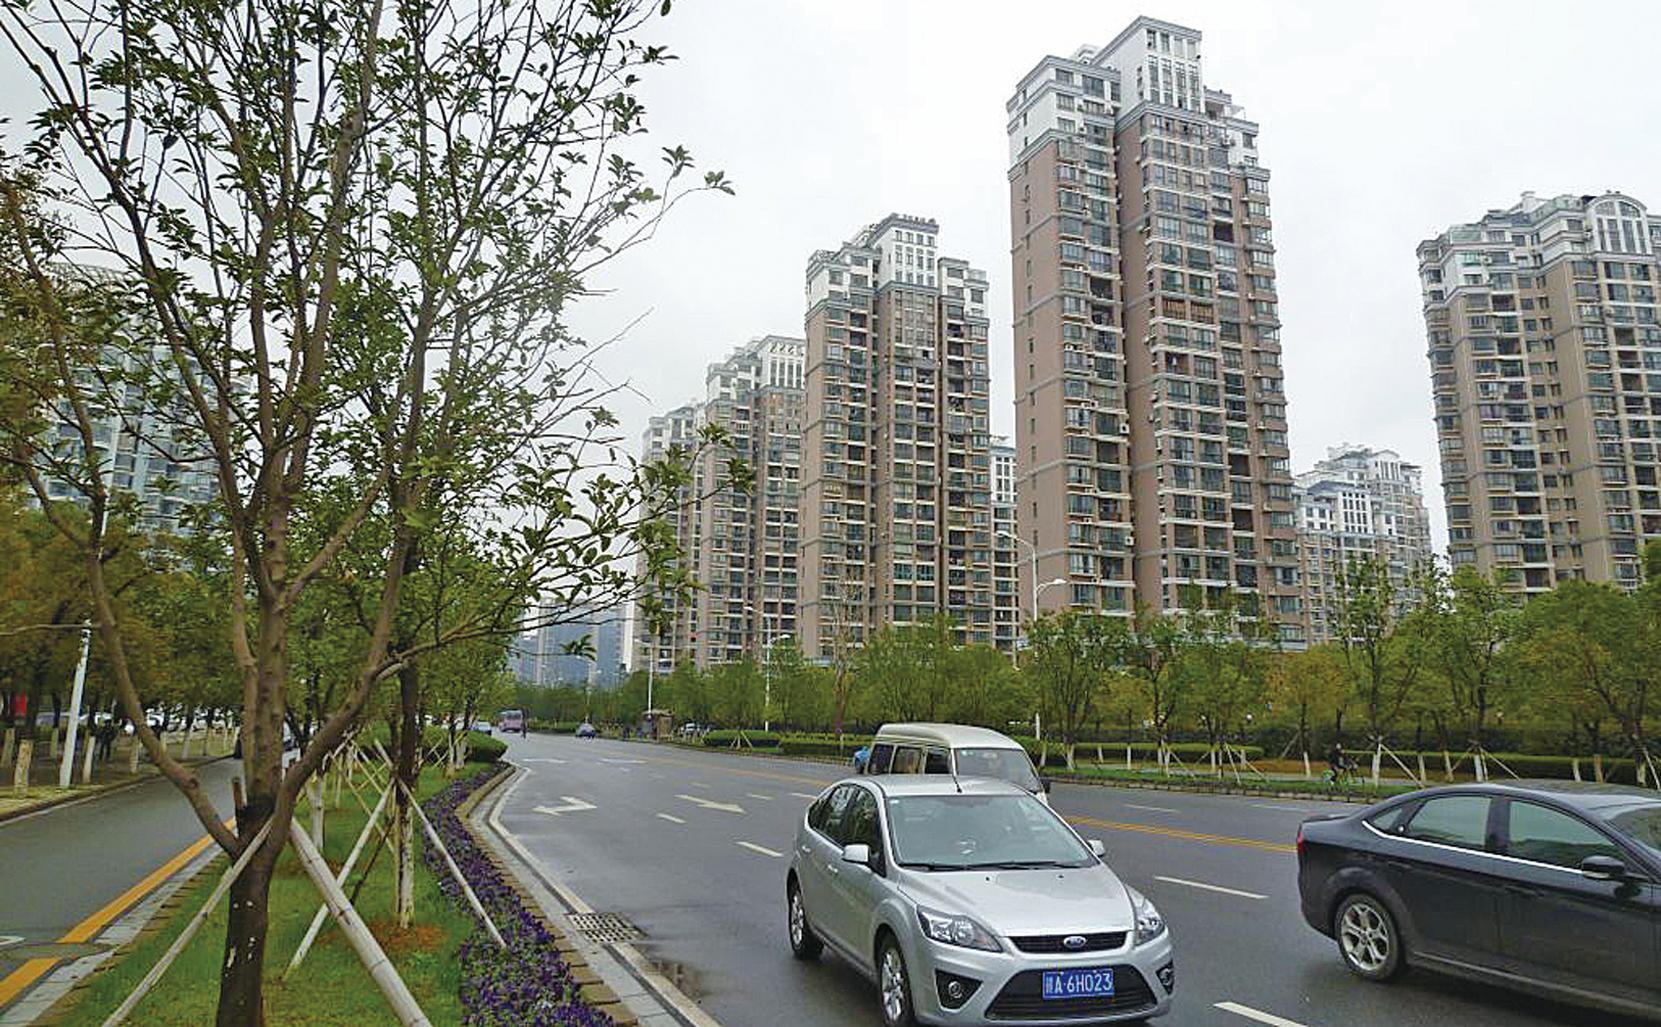 最近有調查顯示,85%的中國人買不起房子。中國樓市已經綁架了中國經濟和廣大中低收入階層。6月份,中國大陸70個大中城市房價漲幅開始收窄。(Getty Images)